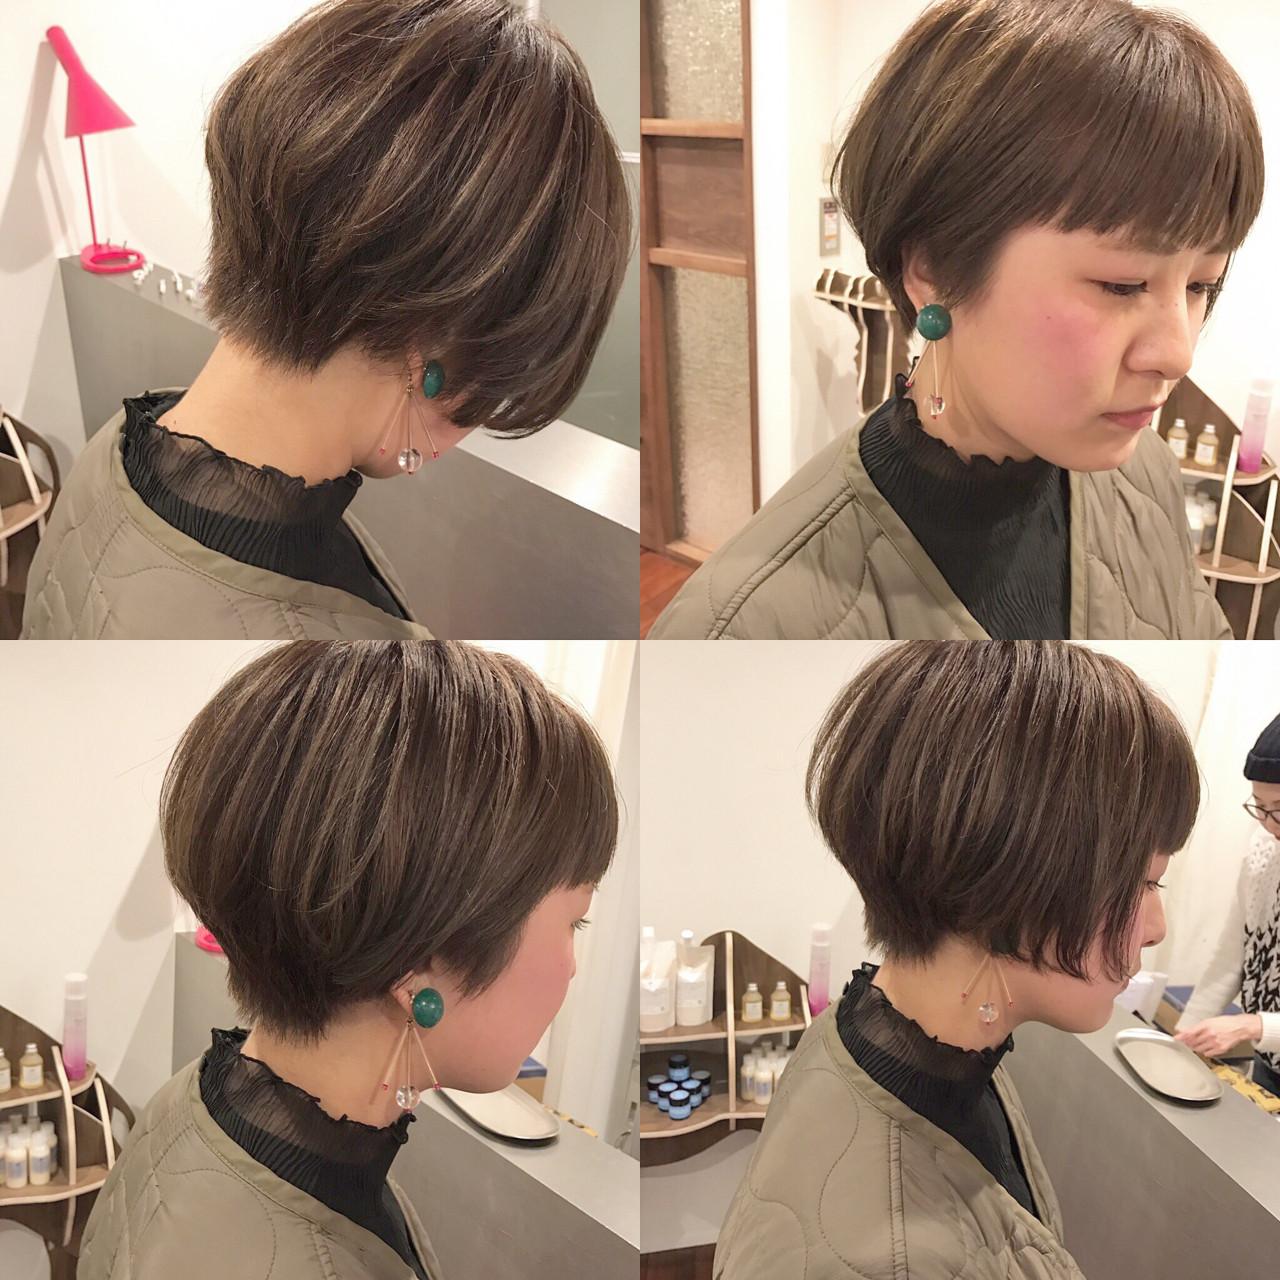 ボブ アッシュ ハイライト 前下がり ヘアスタイルや髪型の写真・画像 | 藤山将太 / ROSTAR